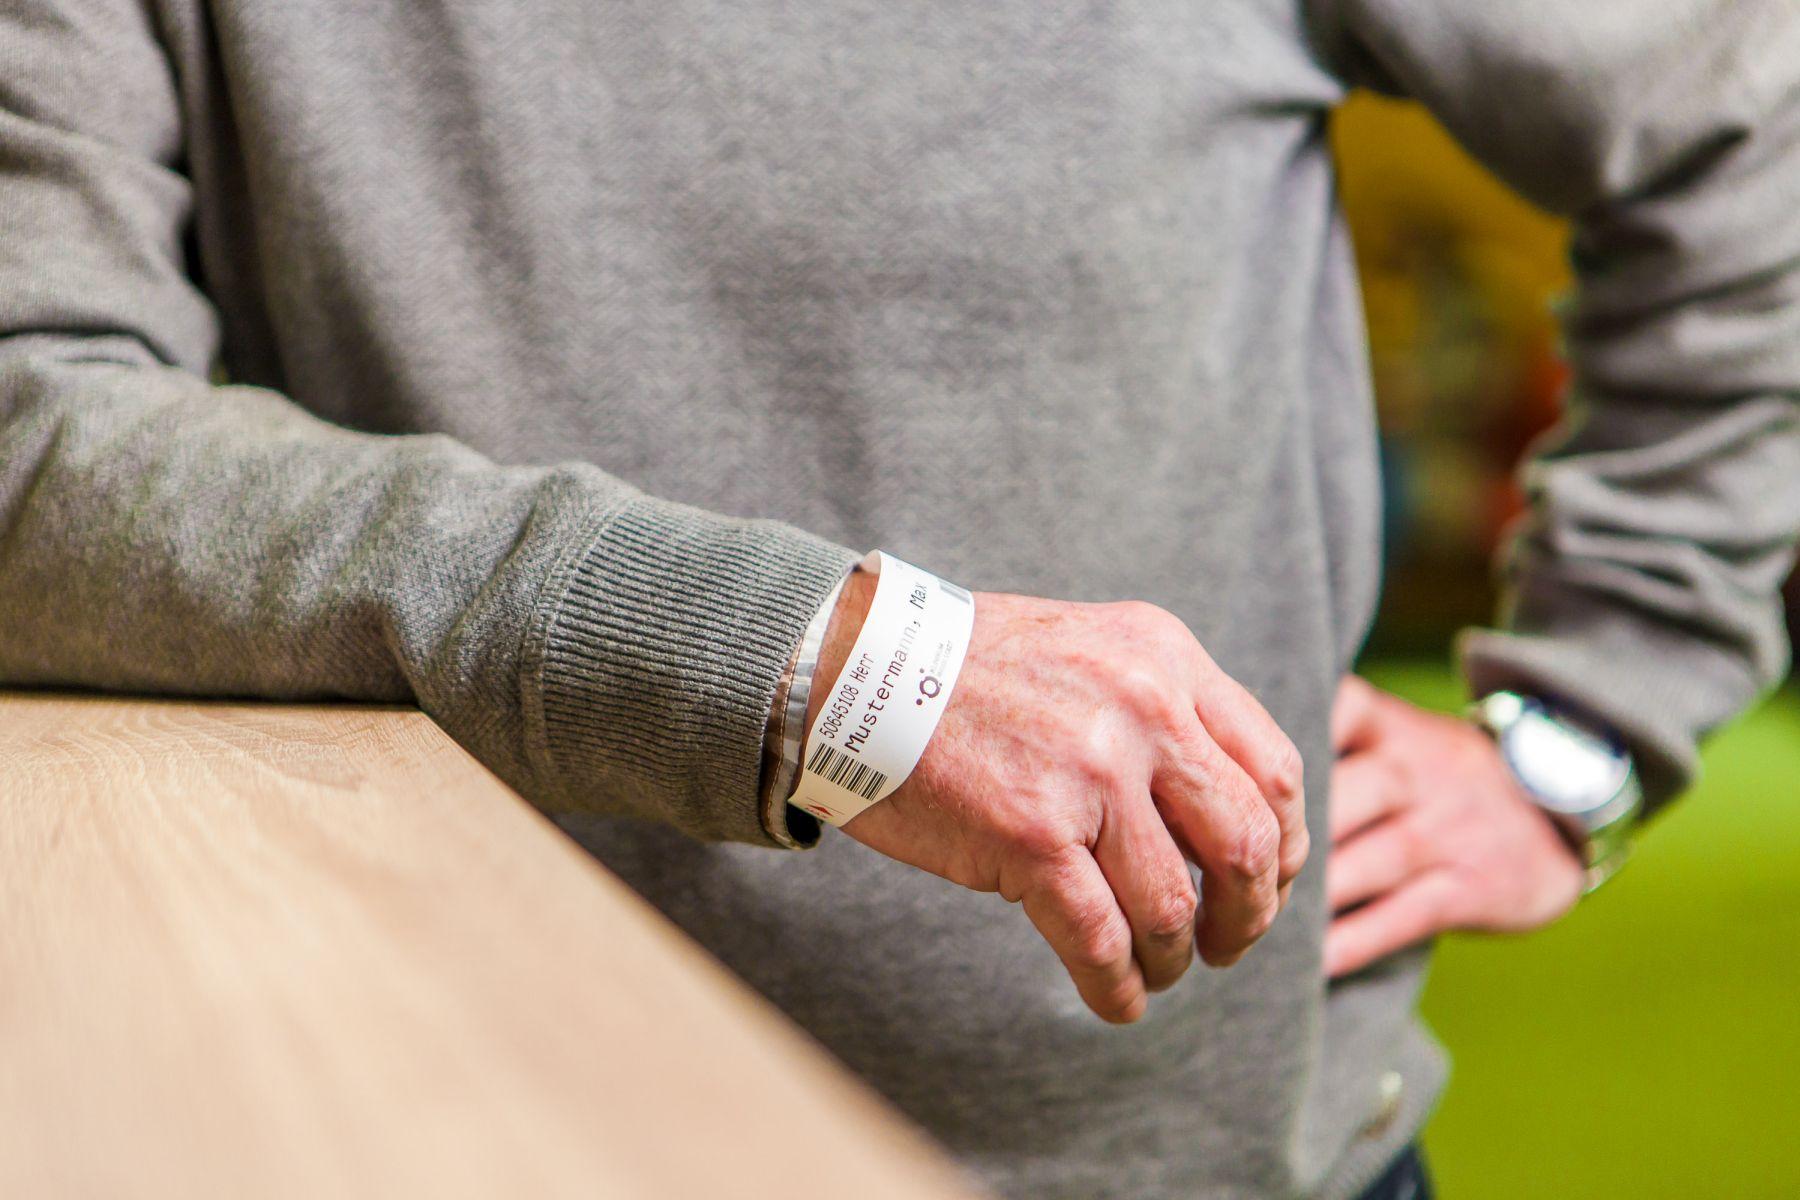 Ein älterer Herr trägt am rechten Handgelenk ein Patientenarmband des Klinikums Ingolstadt